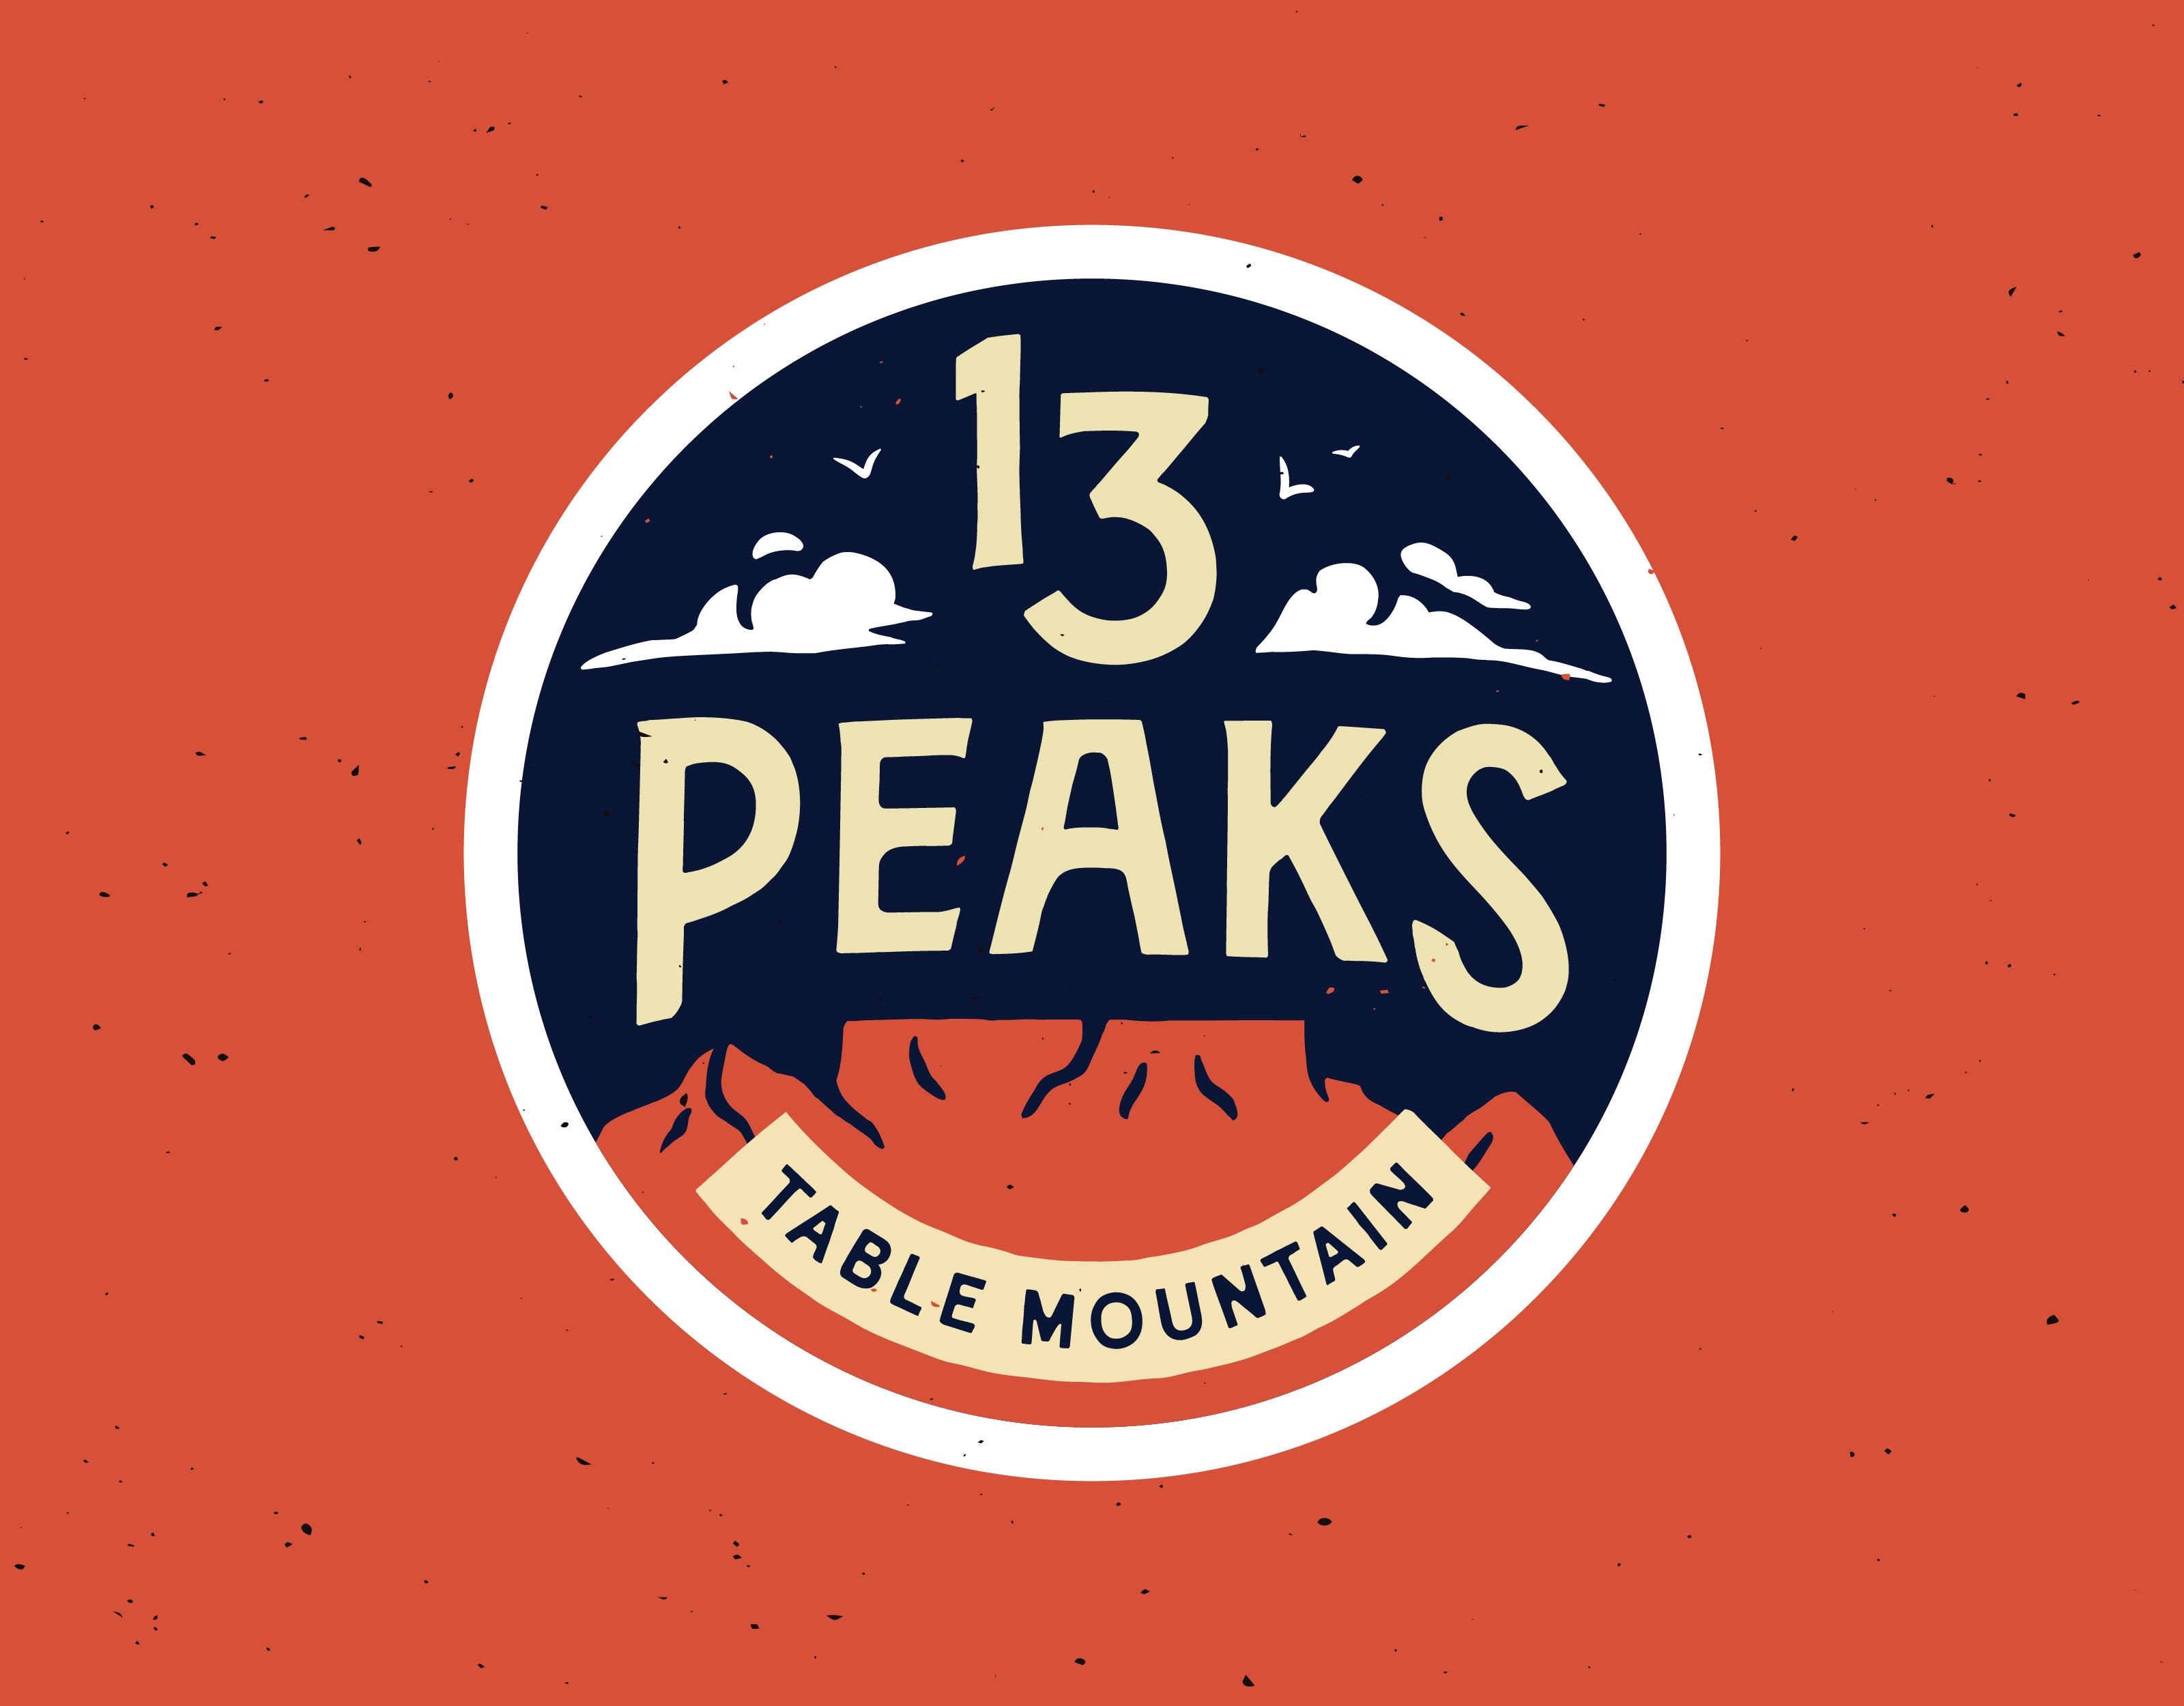 Ryan Sandes' 13 Peaks event identity